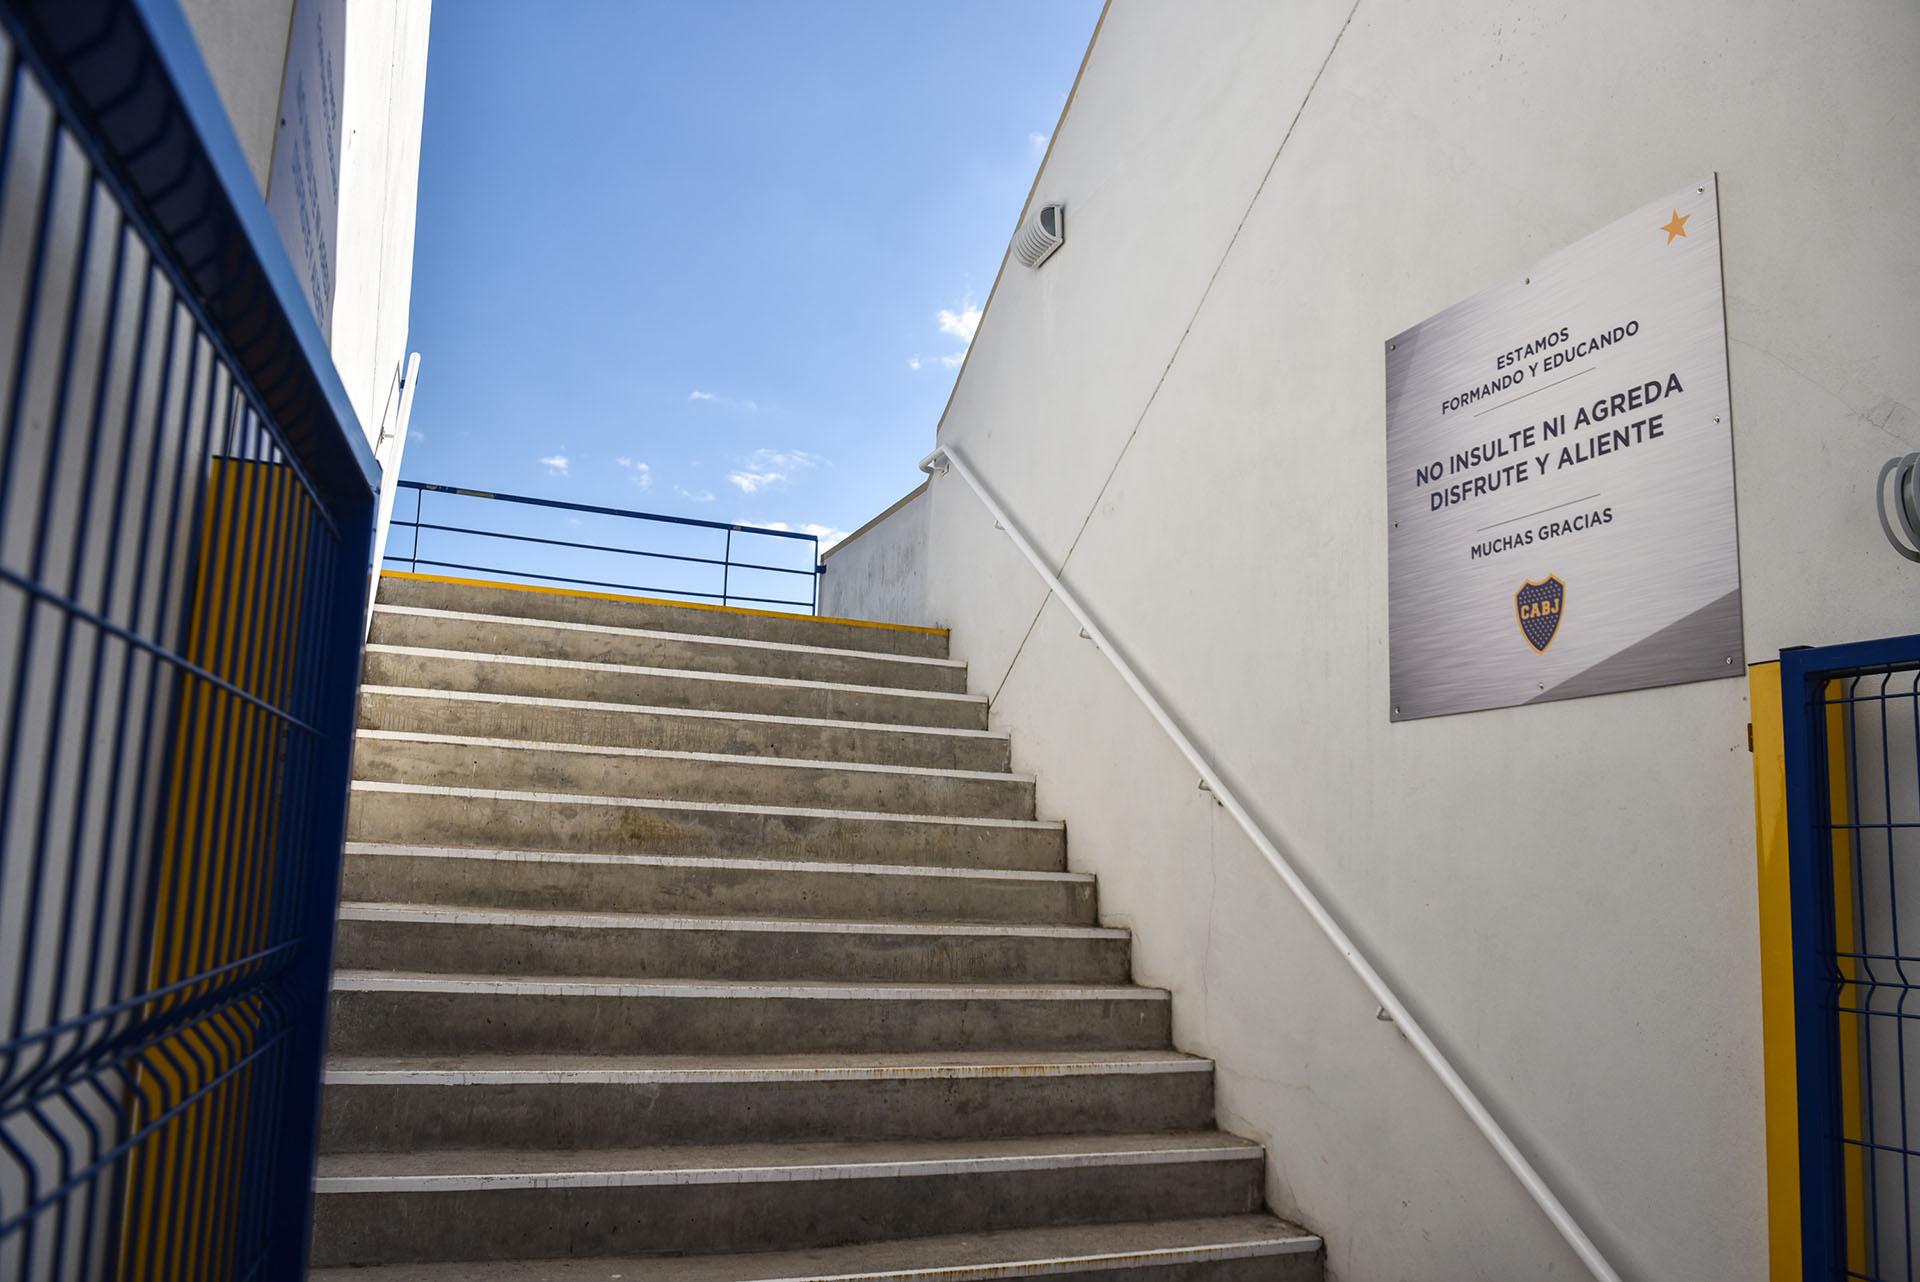 """""""No insulte ni agreda. Disfrute y aliente"""": el mensaje para los padres en el acceso a una de las tribunas (Guille Llamos)"""